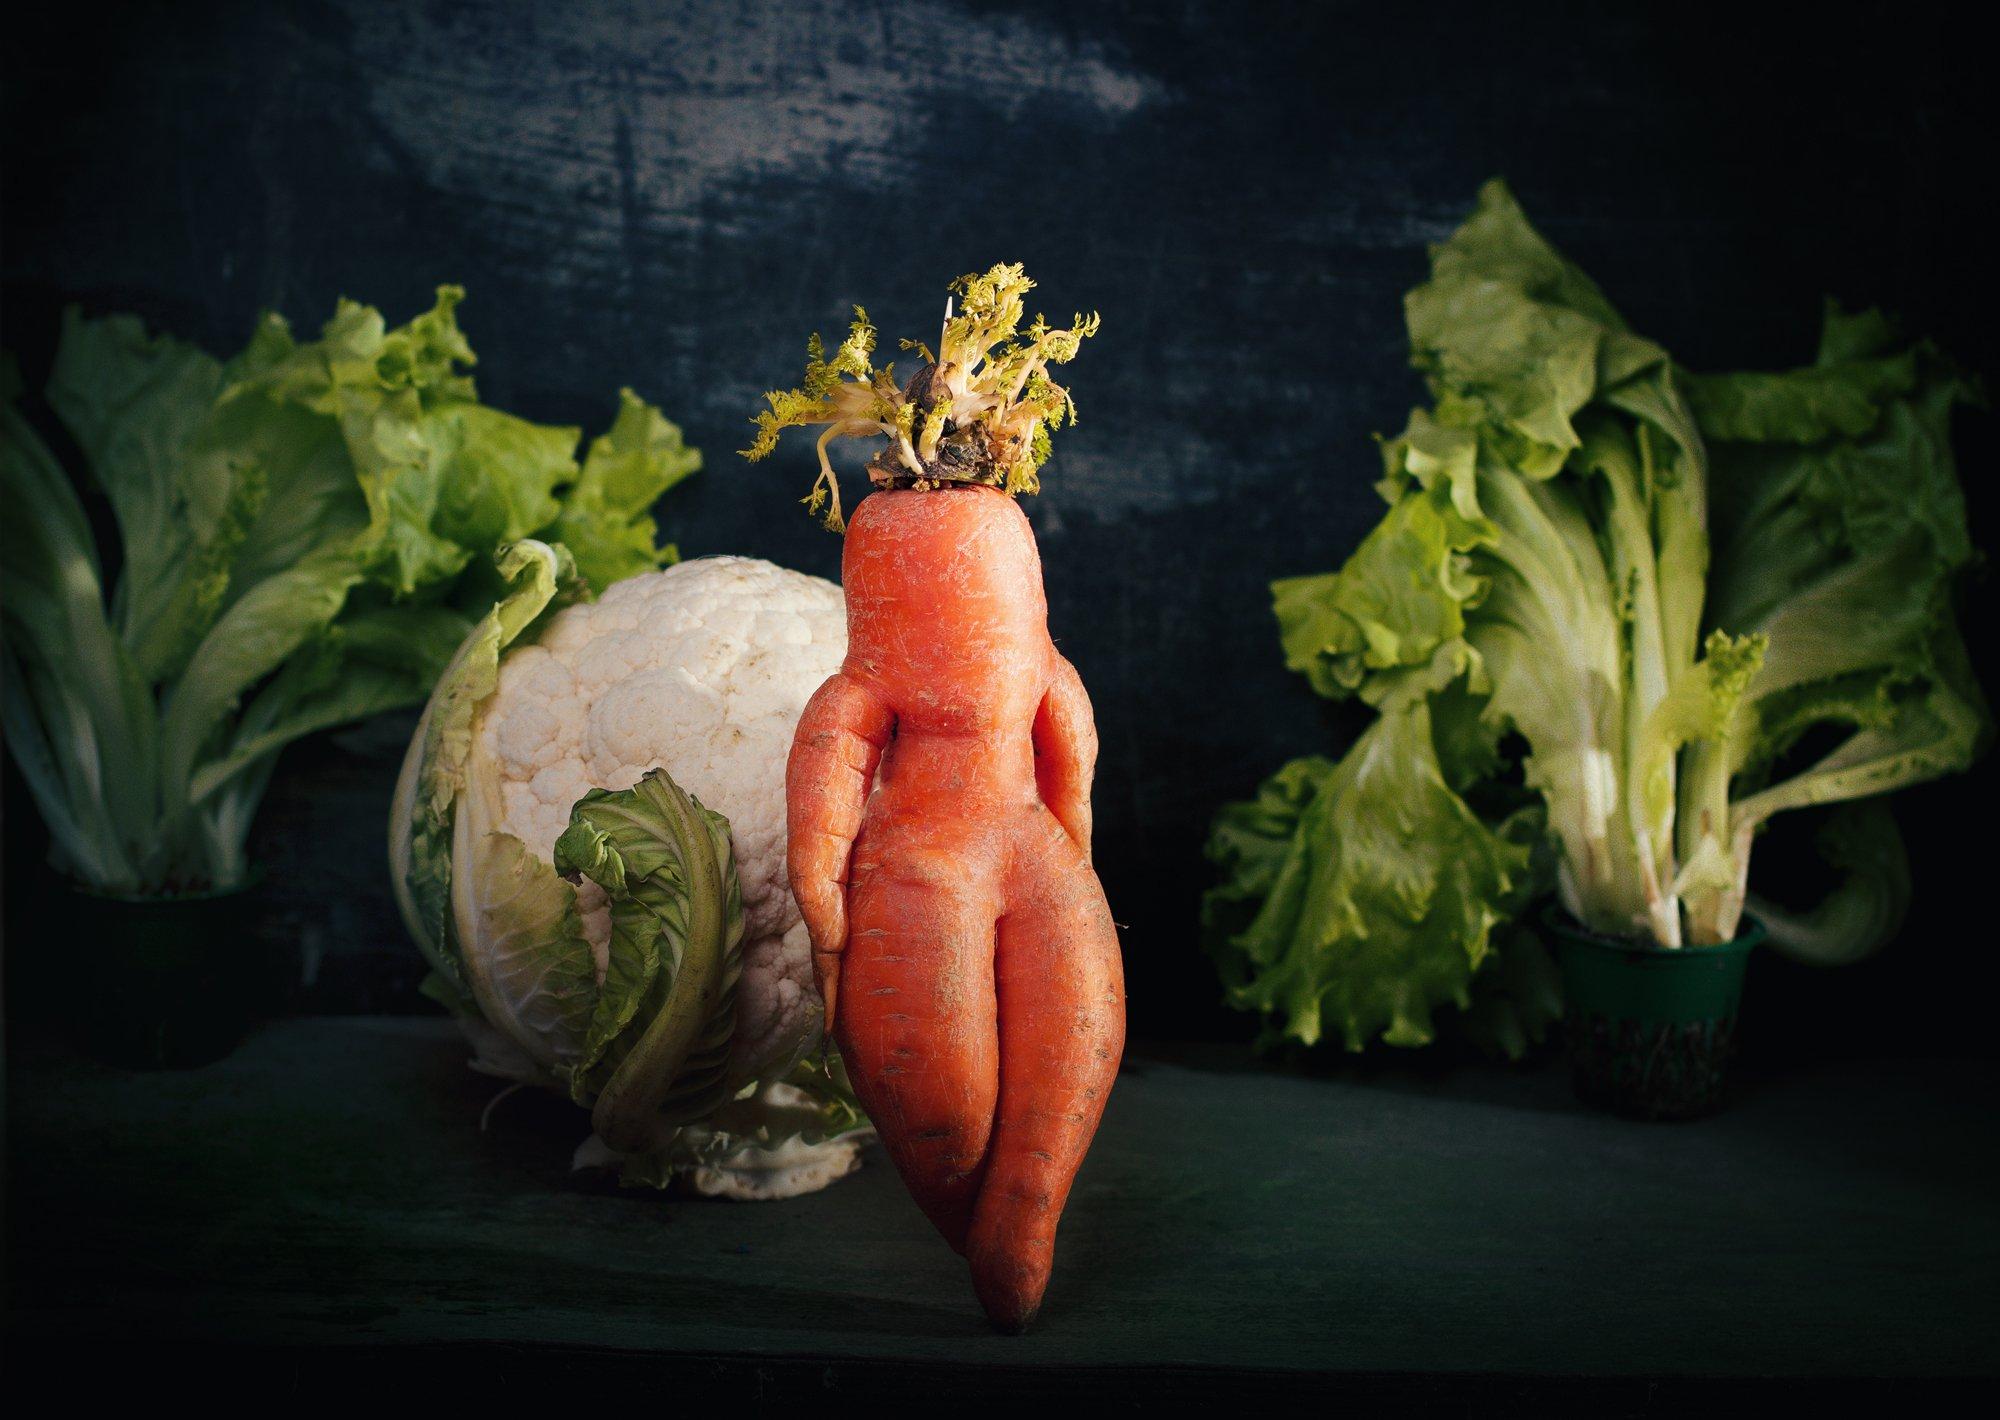 морковь, продукты, капуста, овощи, Наталья Голубева